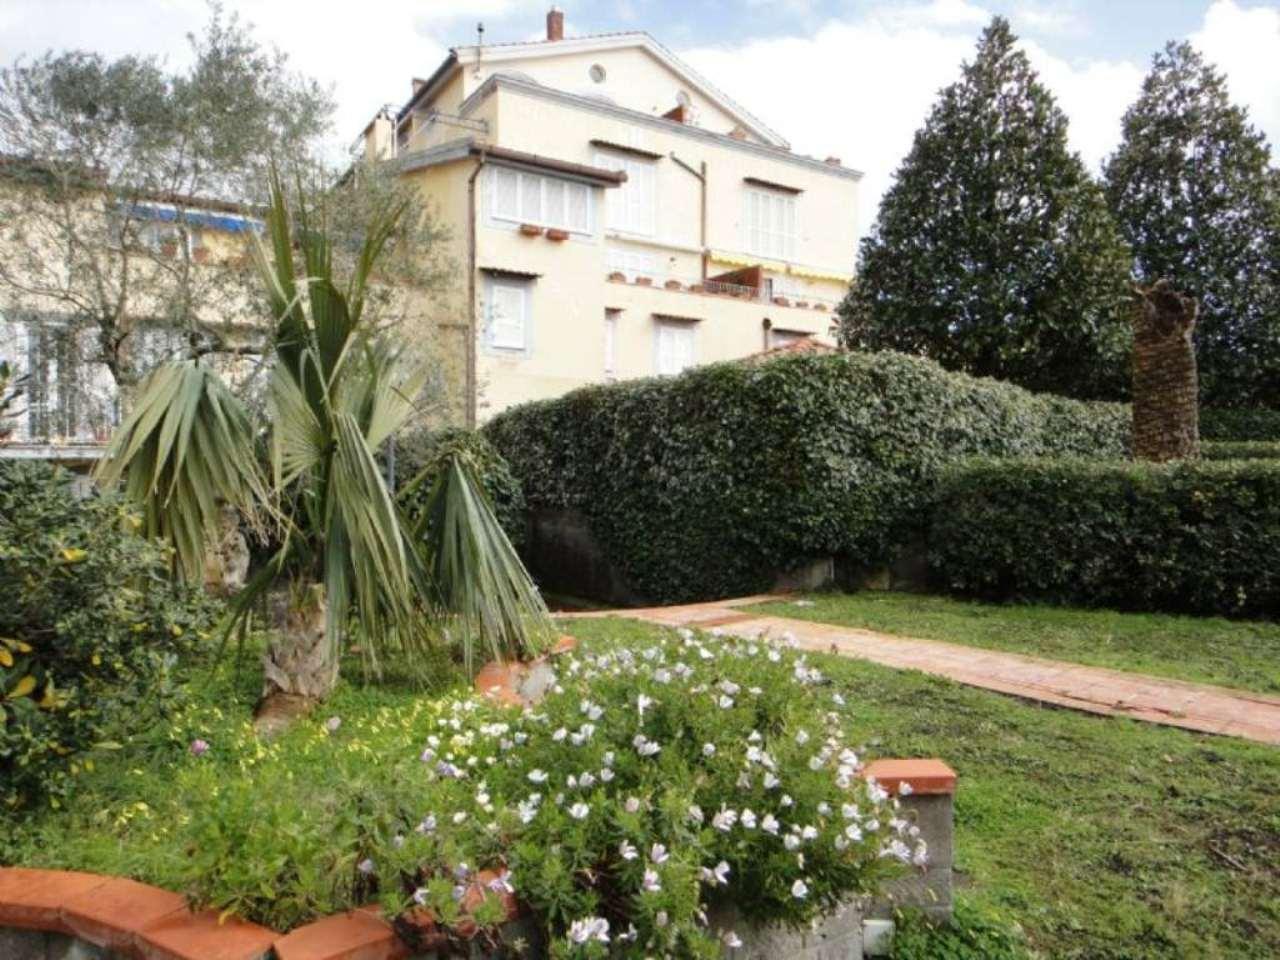 Appartamento in vendita a Massa Lubrense, 5 locali, prezzo € 350.000 | CambioCasa.it